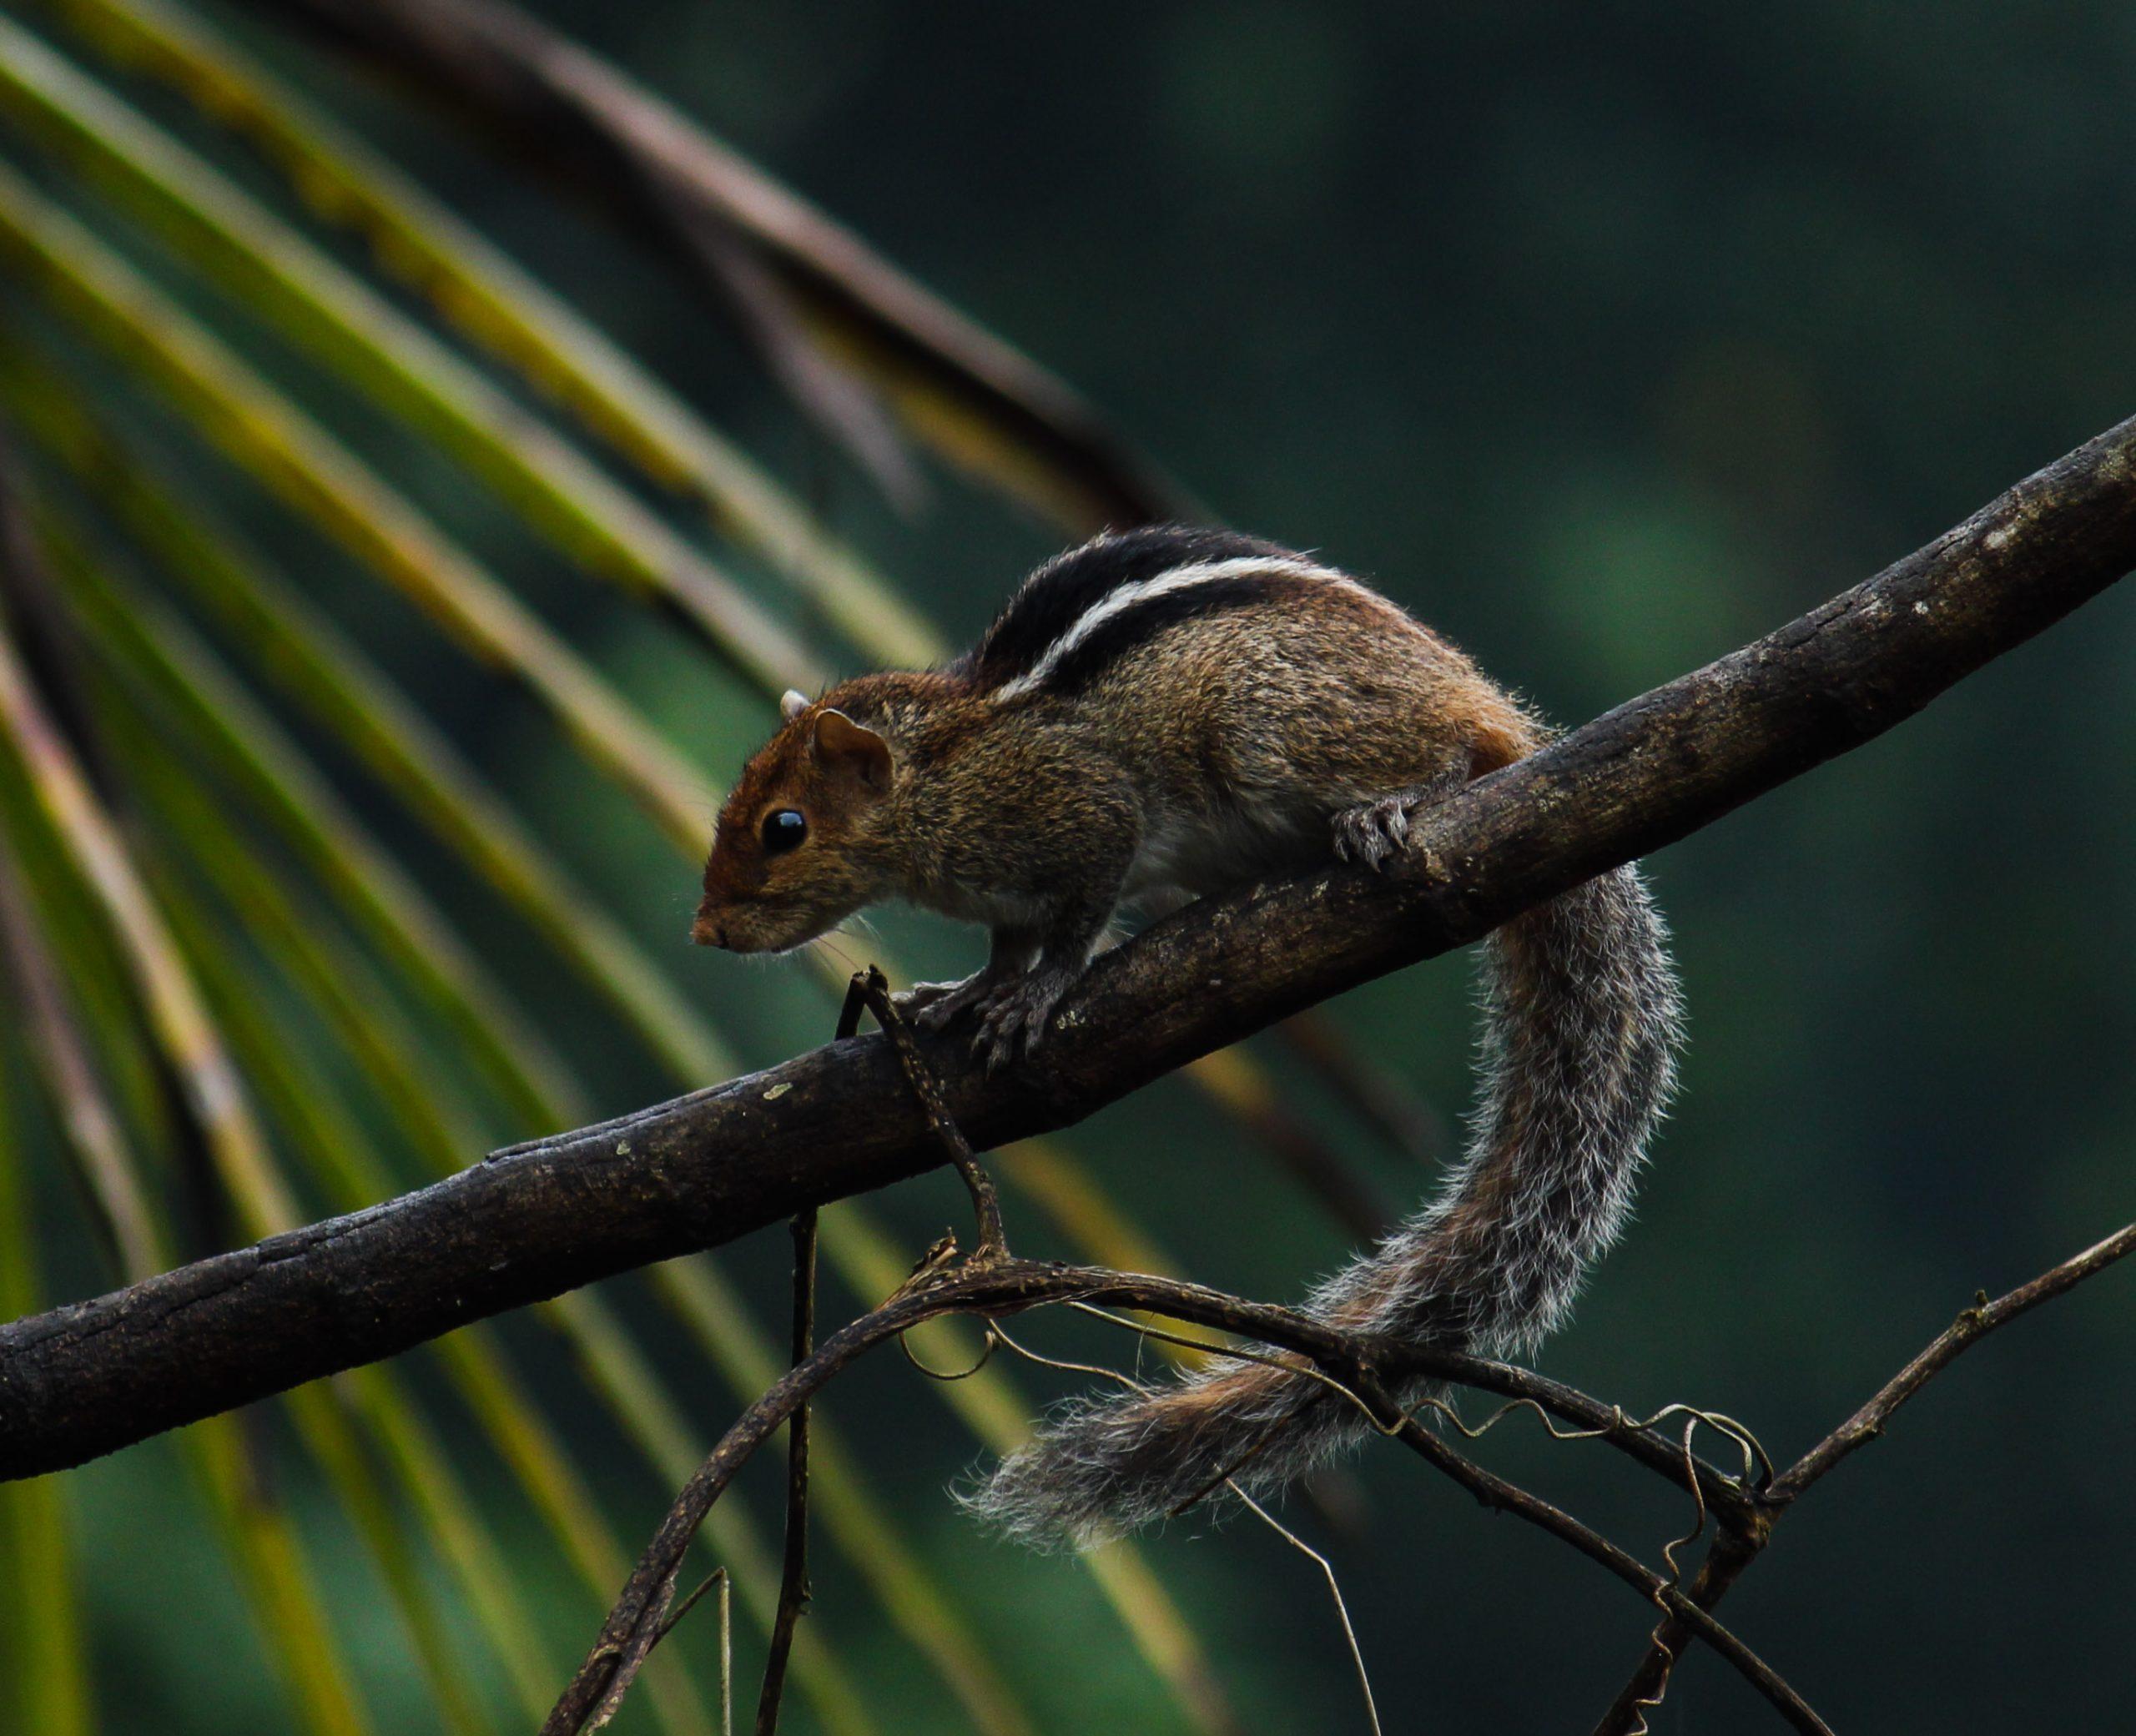 Peaking Squirrel